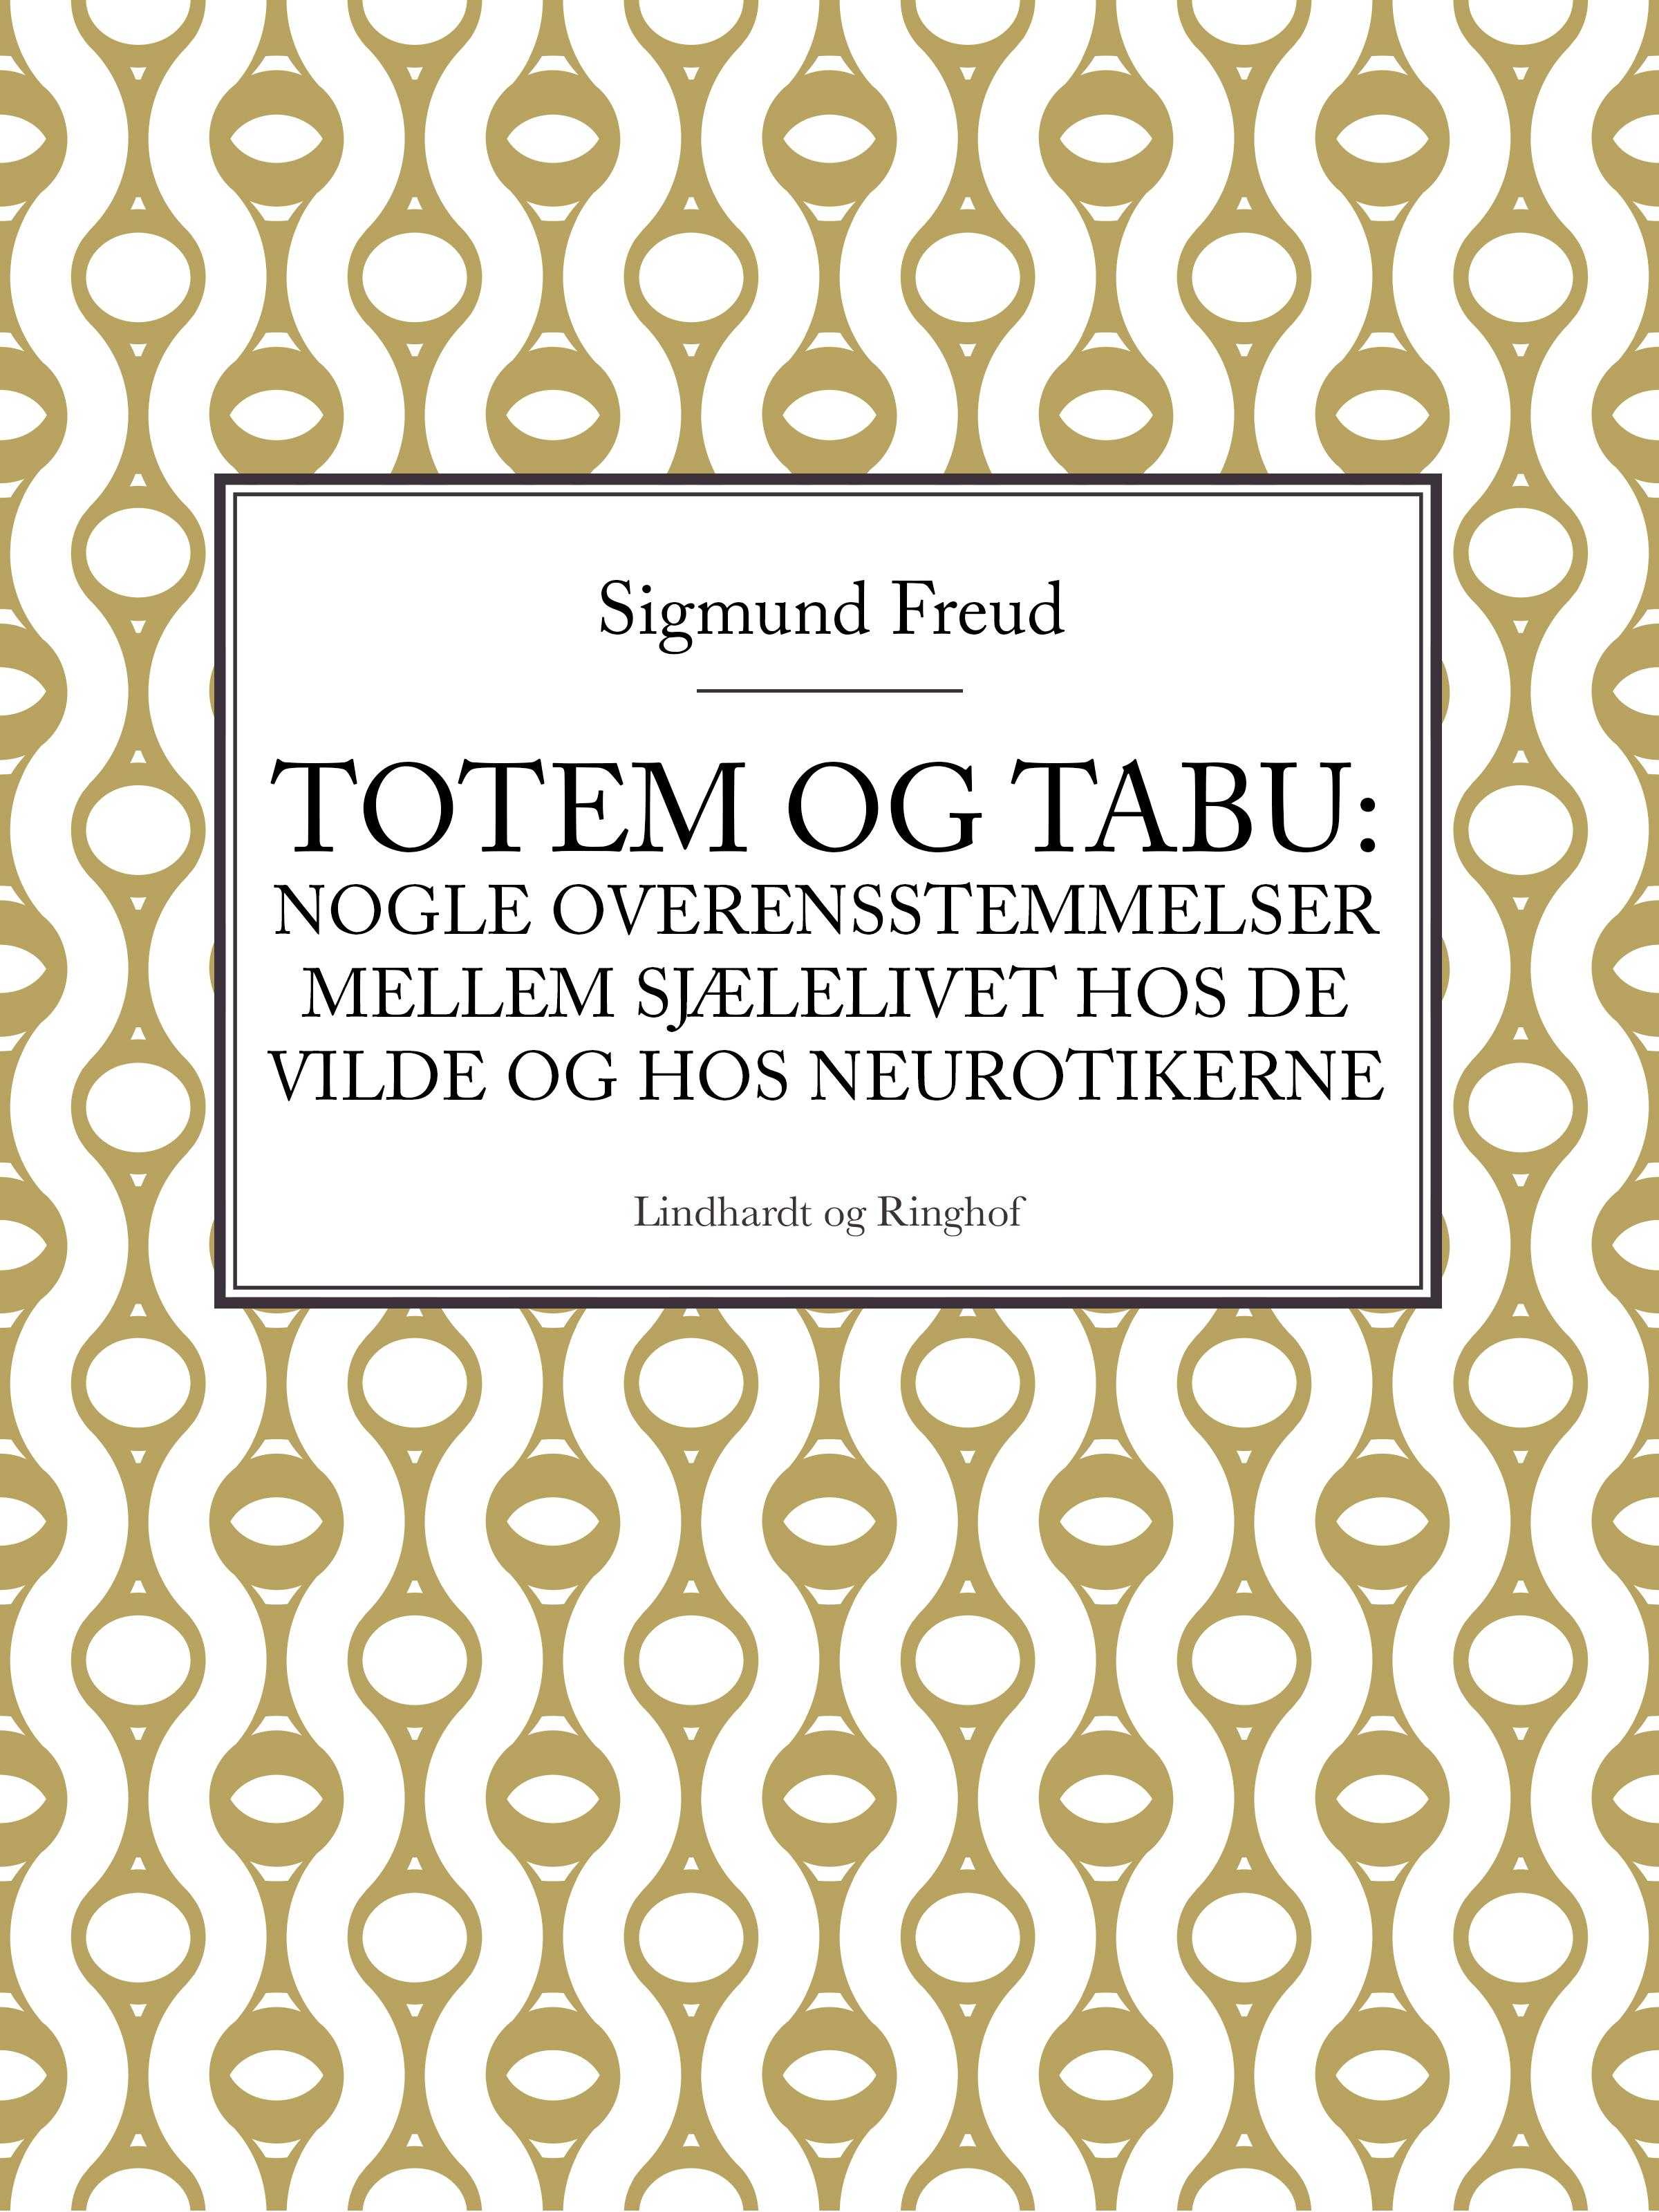 N/A Totem og tabu: nogle overensstemmelser mellem sjælelivet hos de vilde og hos neurotikerne - e-bog fra bog & mystik